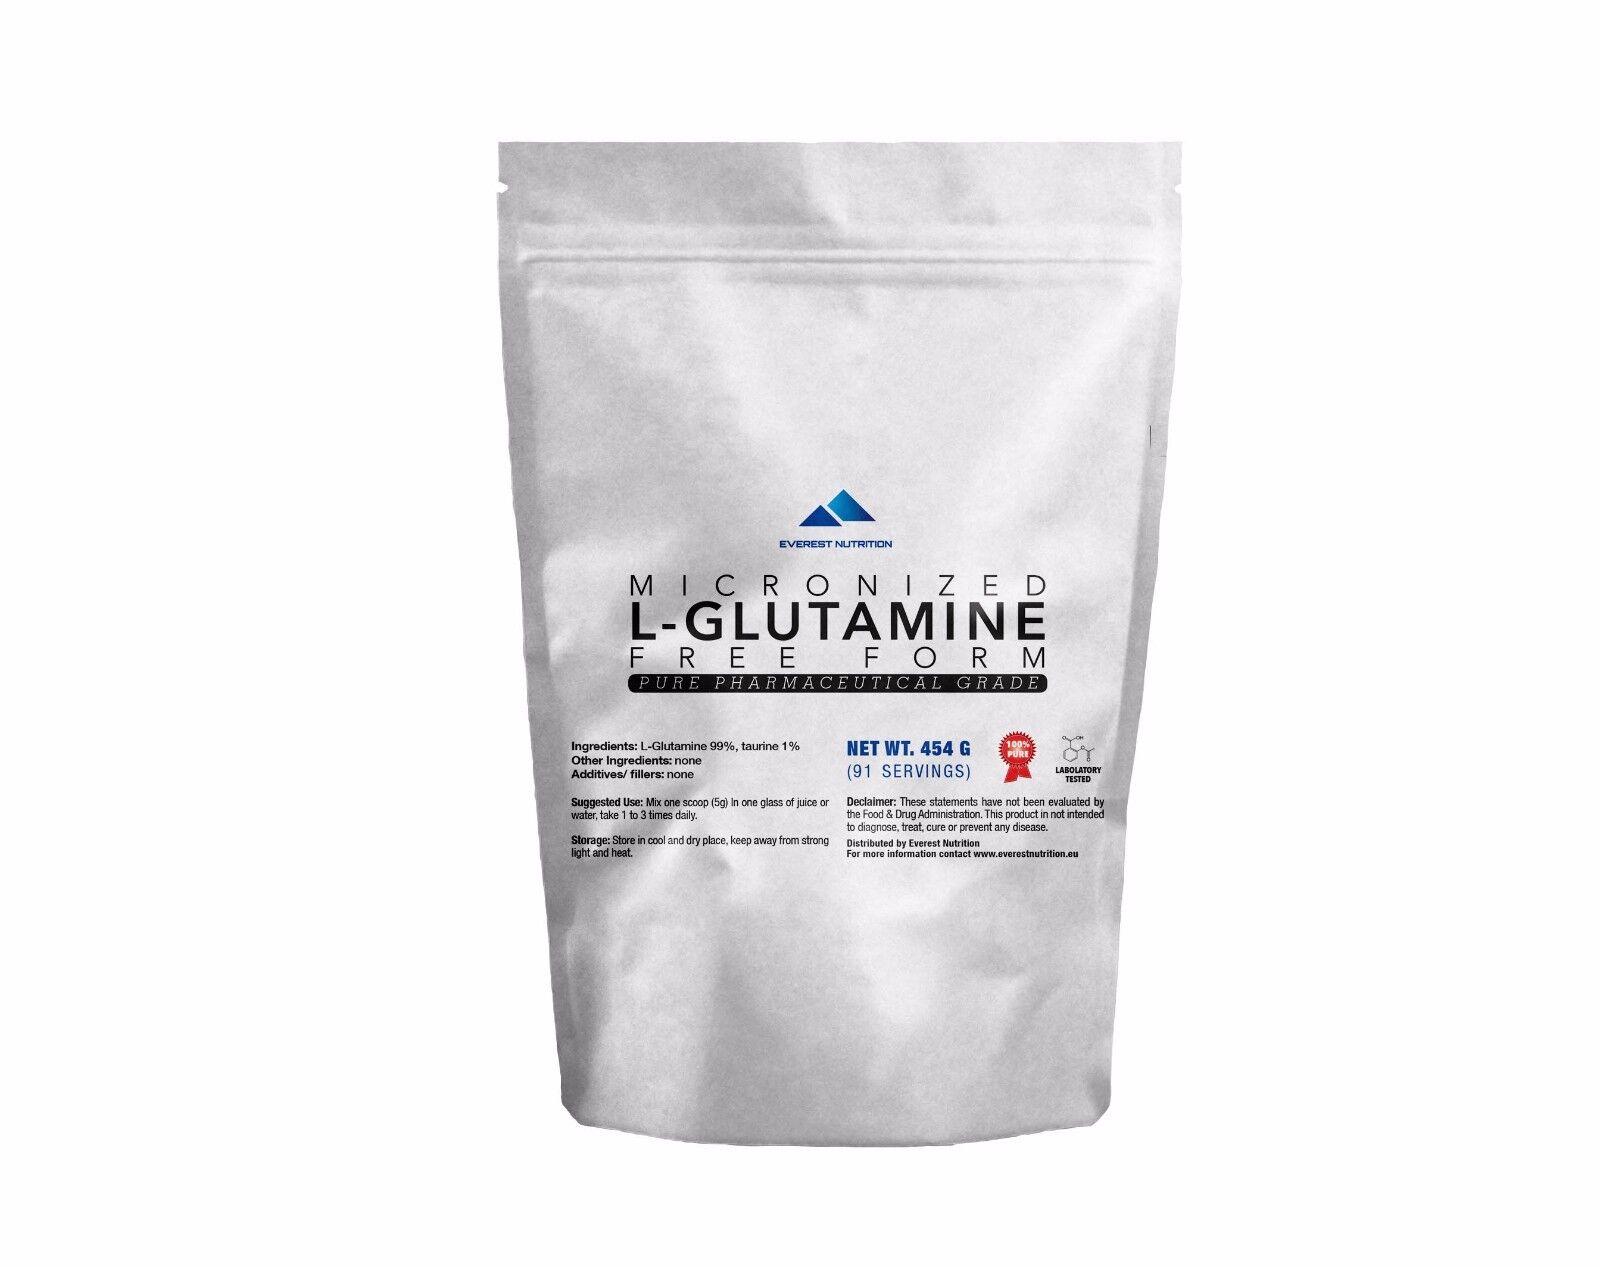 L-GLUTAMINE POWDER POWDER L-GLUTAMINE FREE FORM 100% PURE PHARMACEUTICAL QUALITY 896895